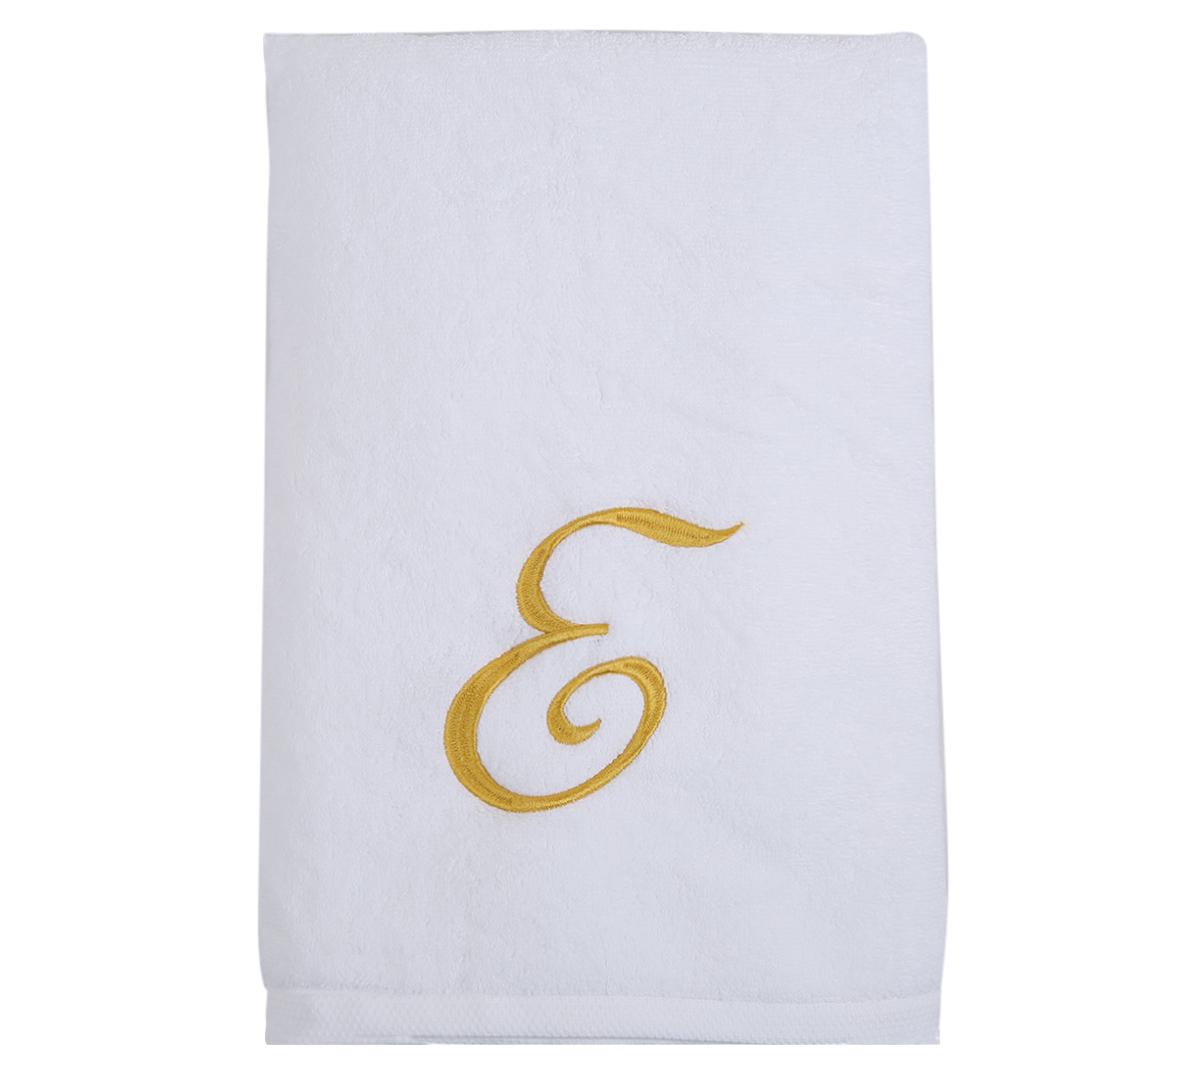 Alphabet Bath Towel 70x140cm Letter E